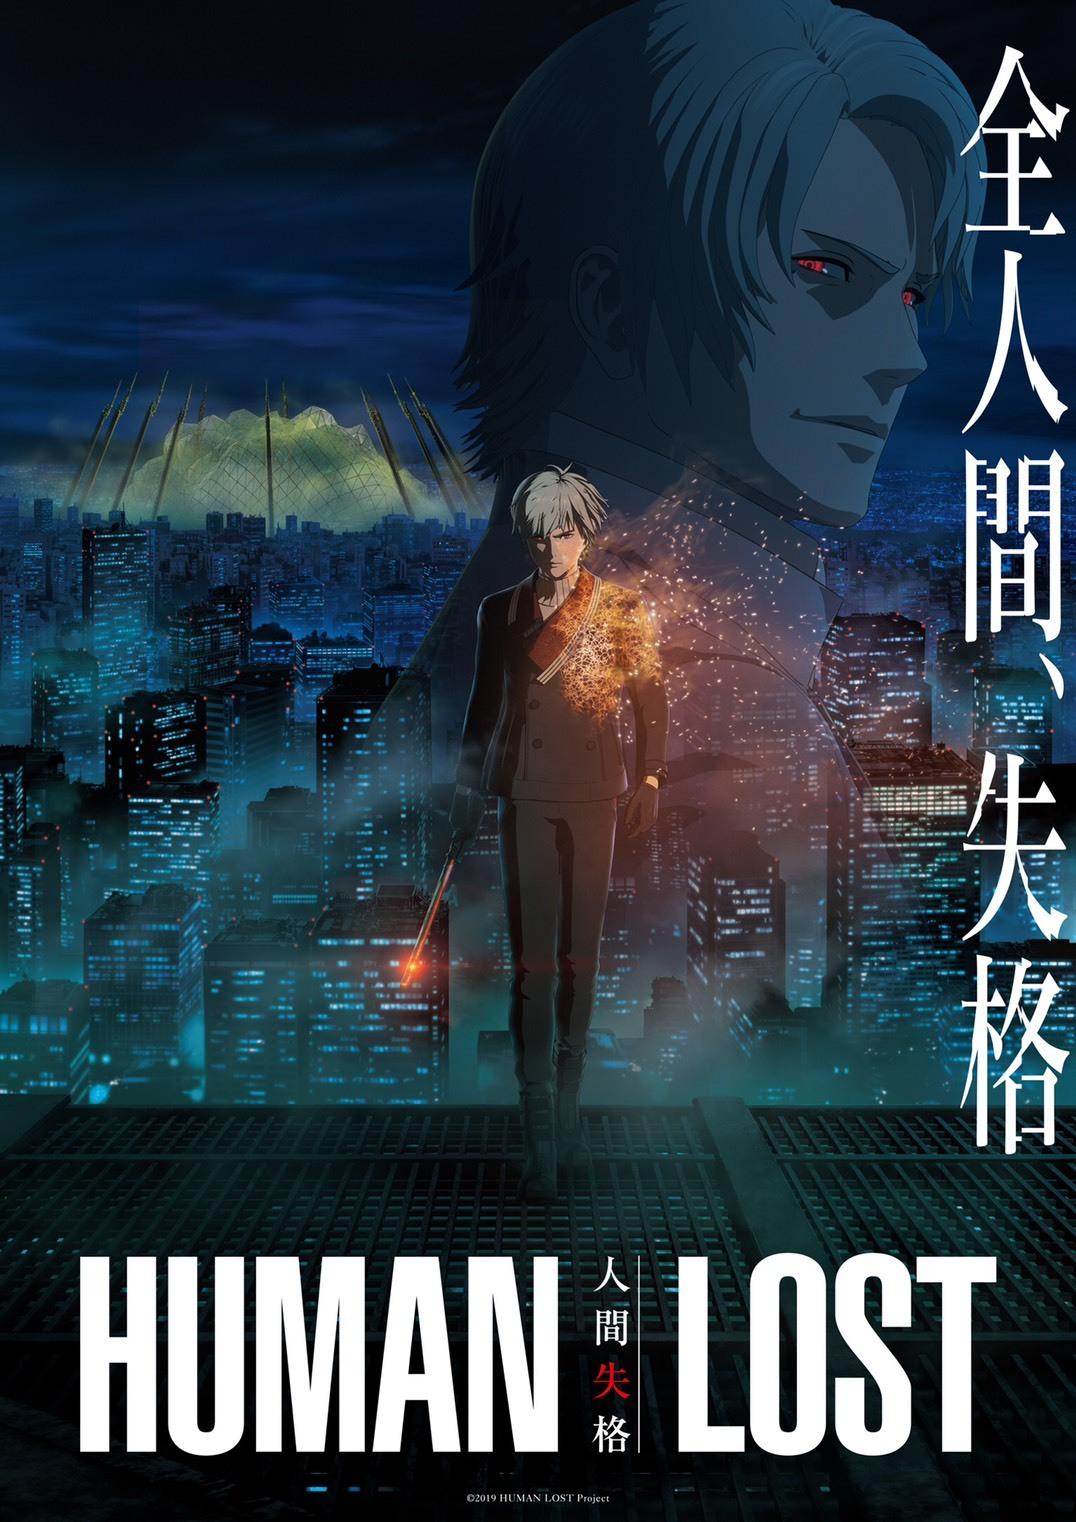 劇場アニメーション『HUMAN LOST 人間失格』キービジュアル (C)2019 HUMAN LOST Project